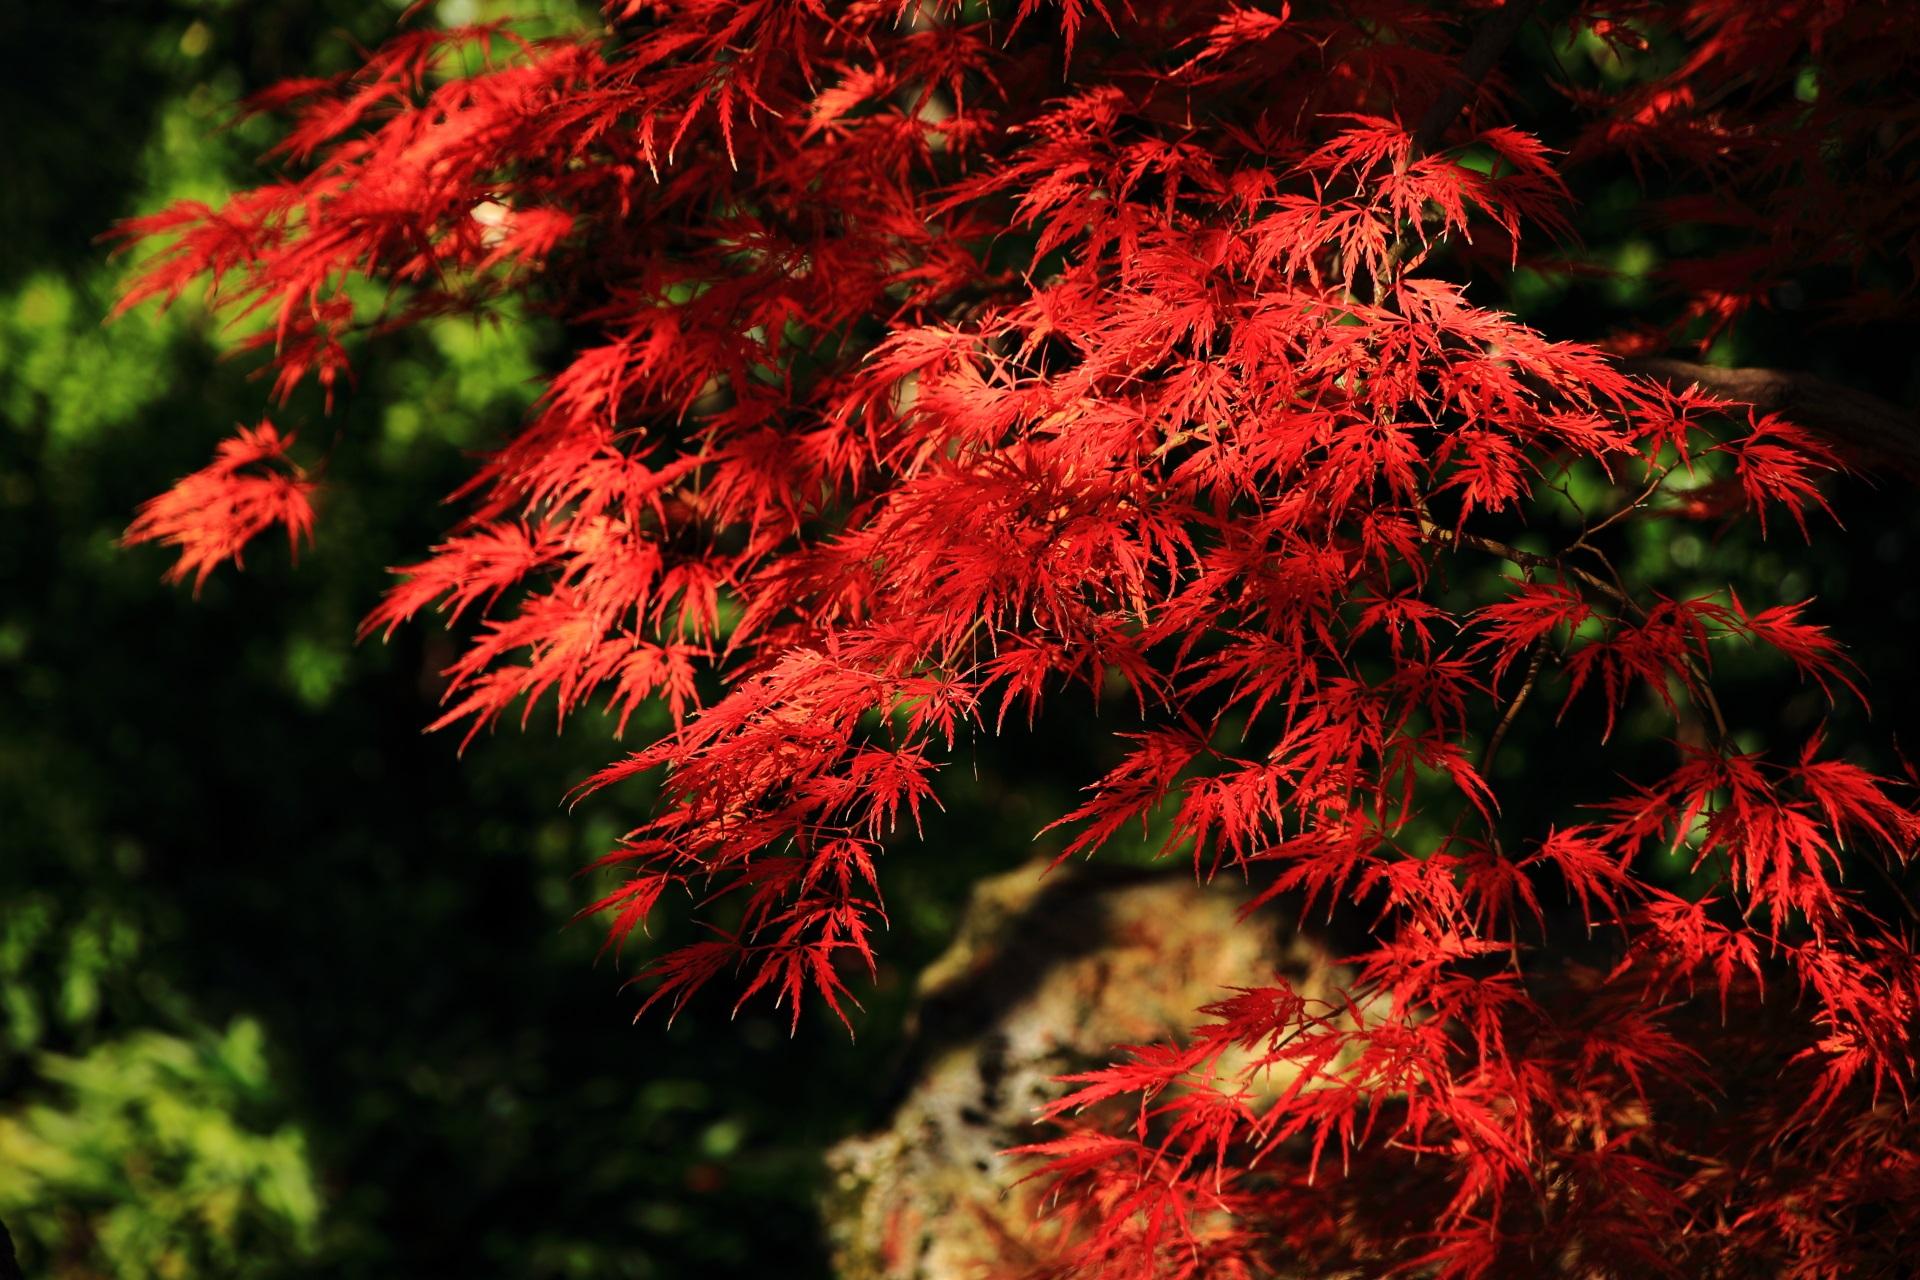 光の当たり具合によっては鮮烈な赤さになる紅葉